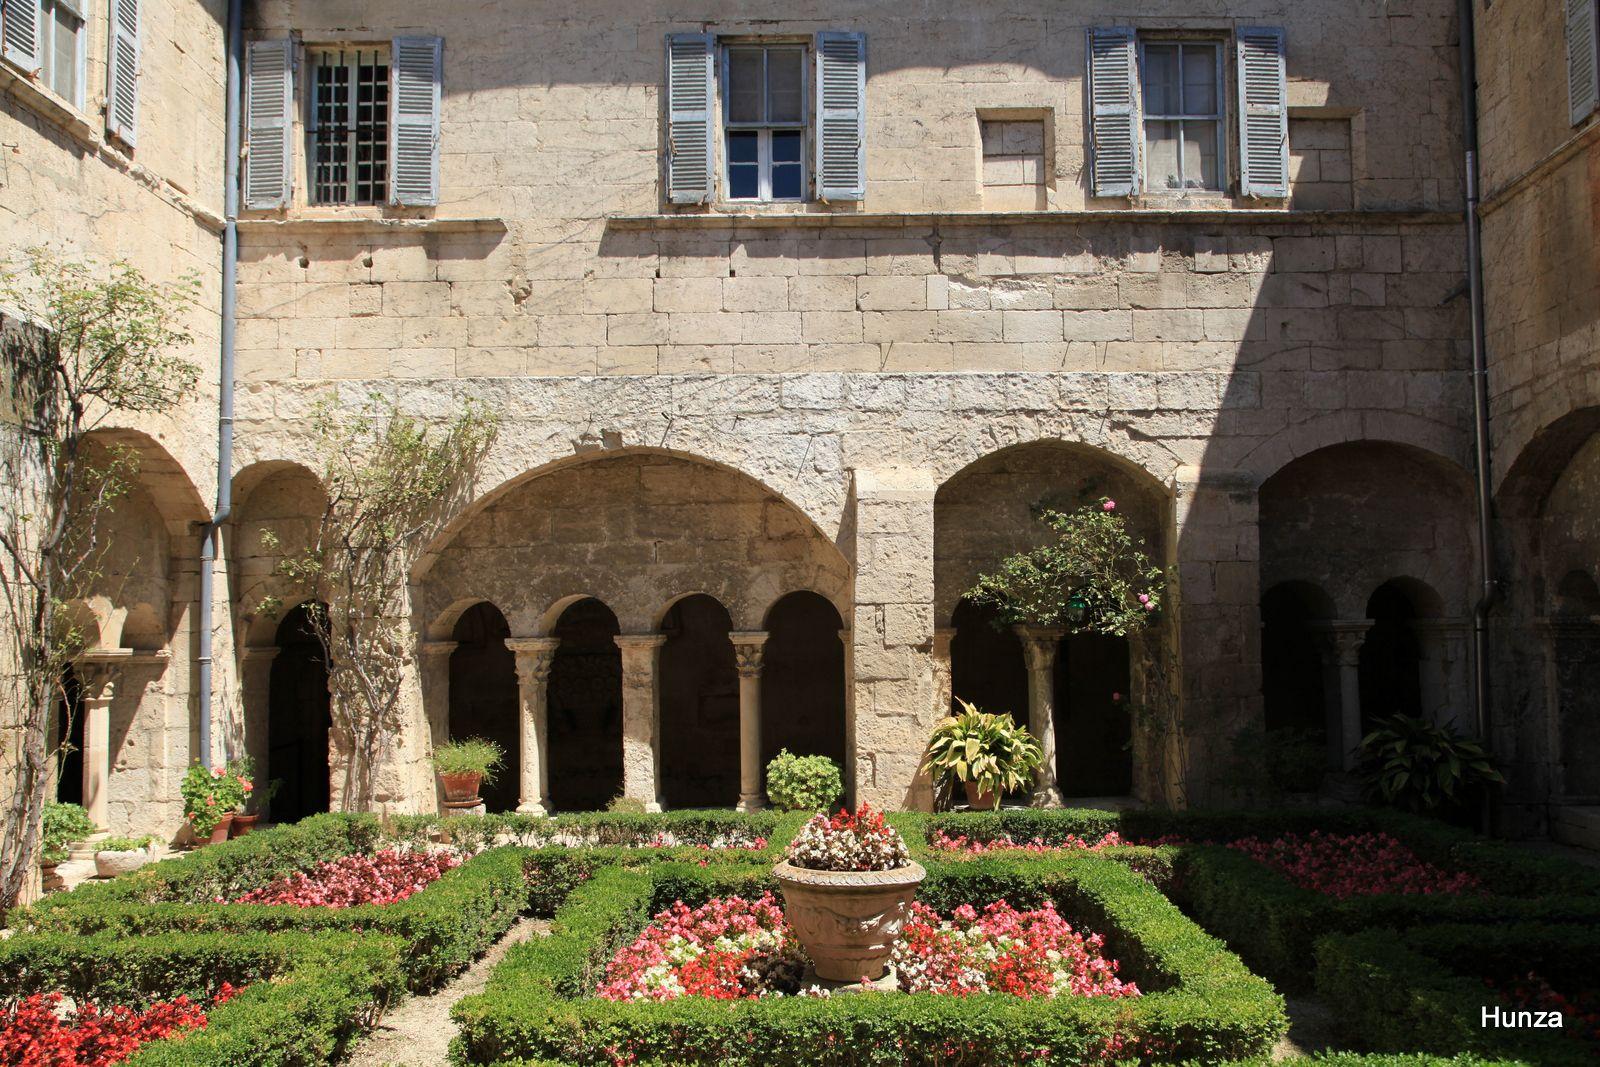 Le cloître de Saint-Paul de Mausole